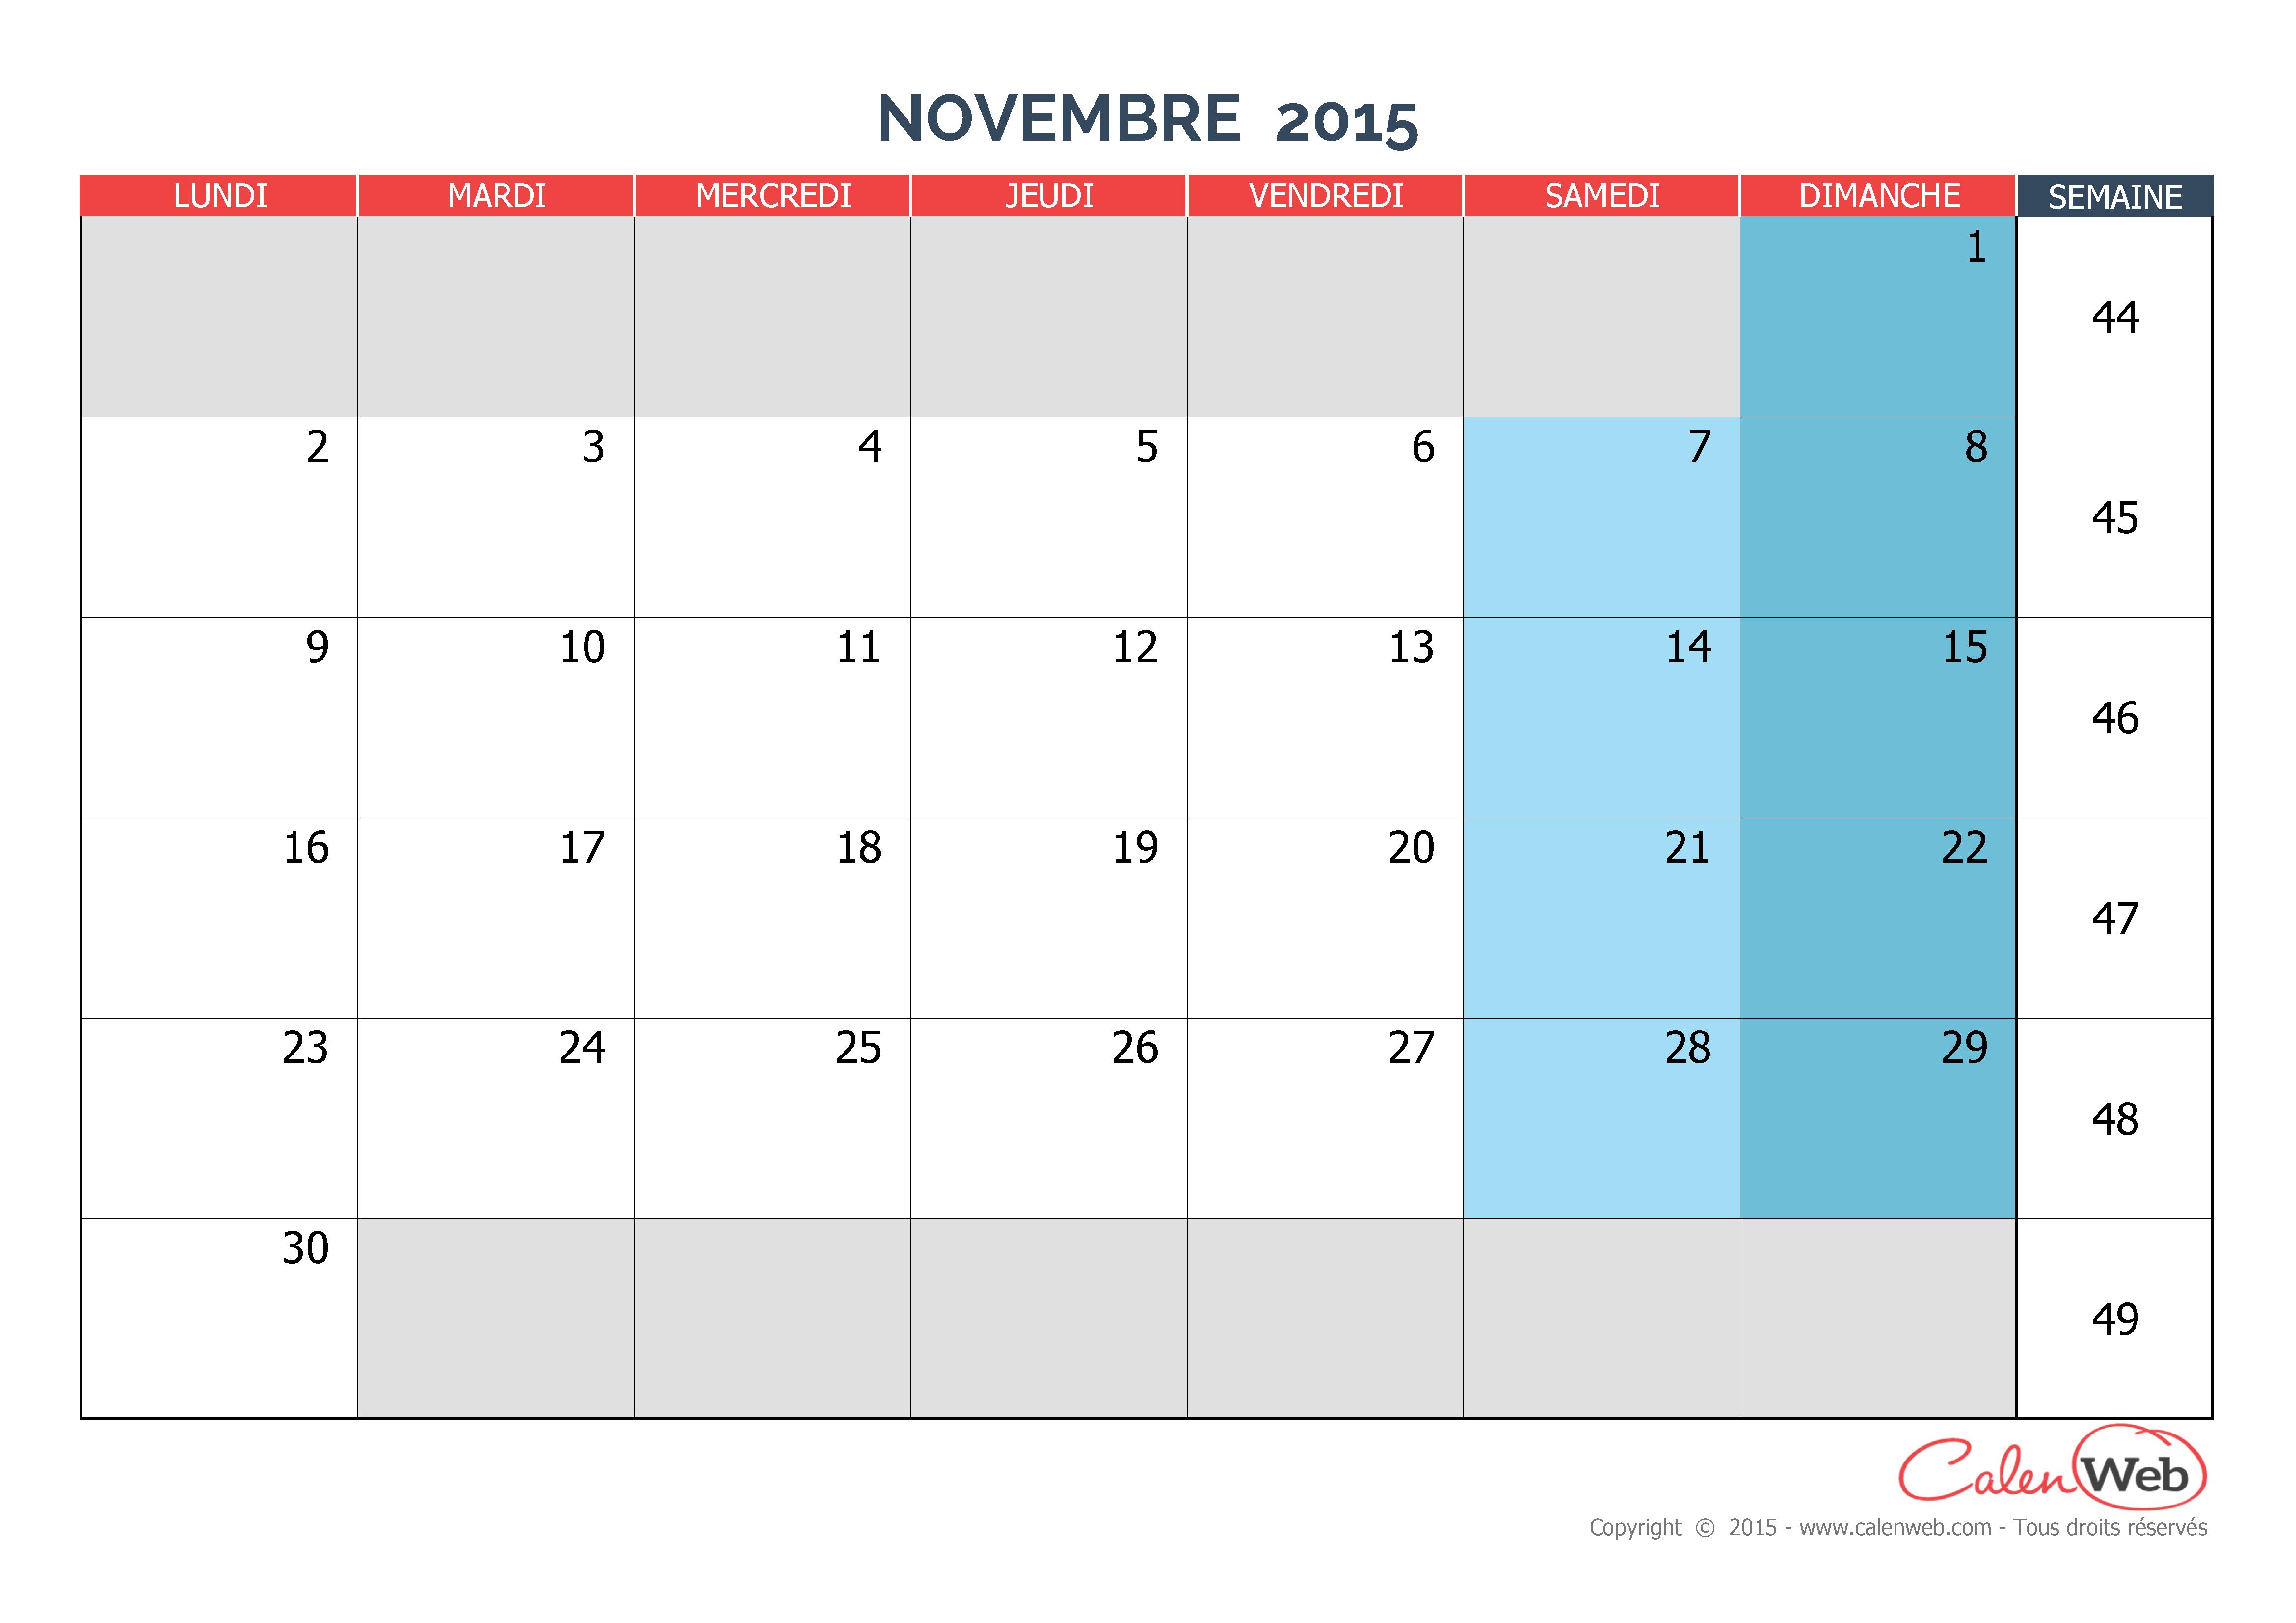 Calendrier mensuel - Mois de novembre 2015 Version vierge - Calenweb ...